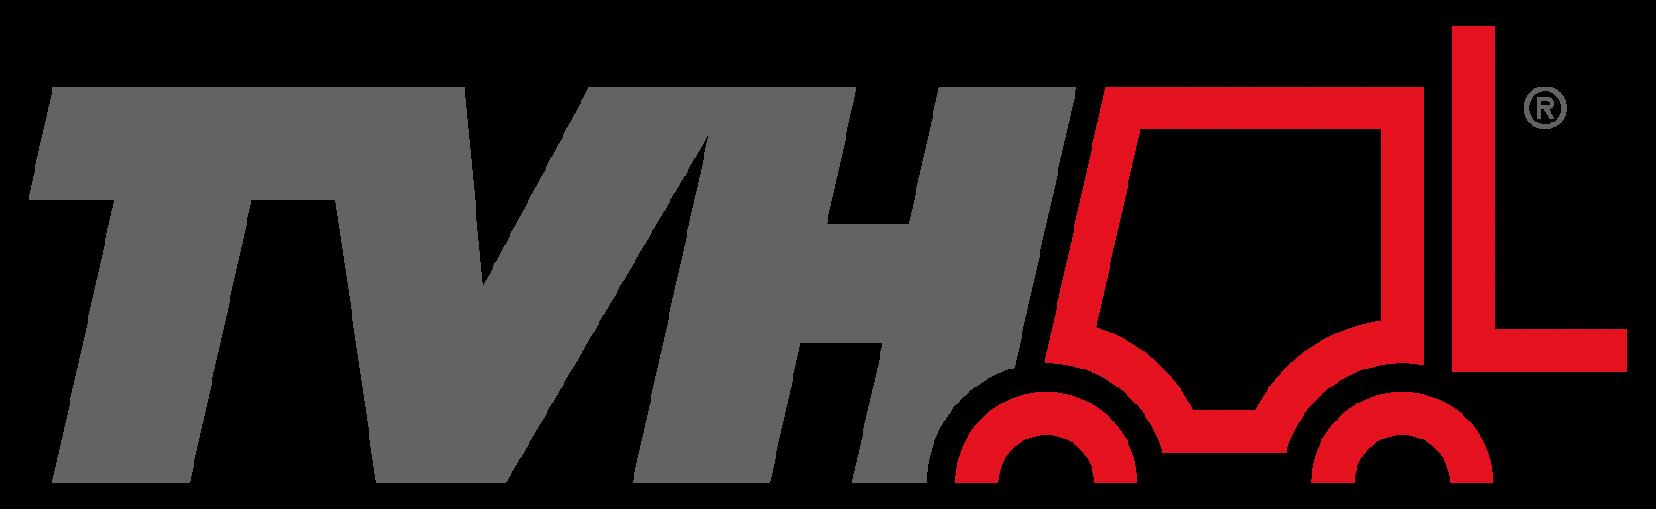 TVHlogo.png